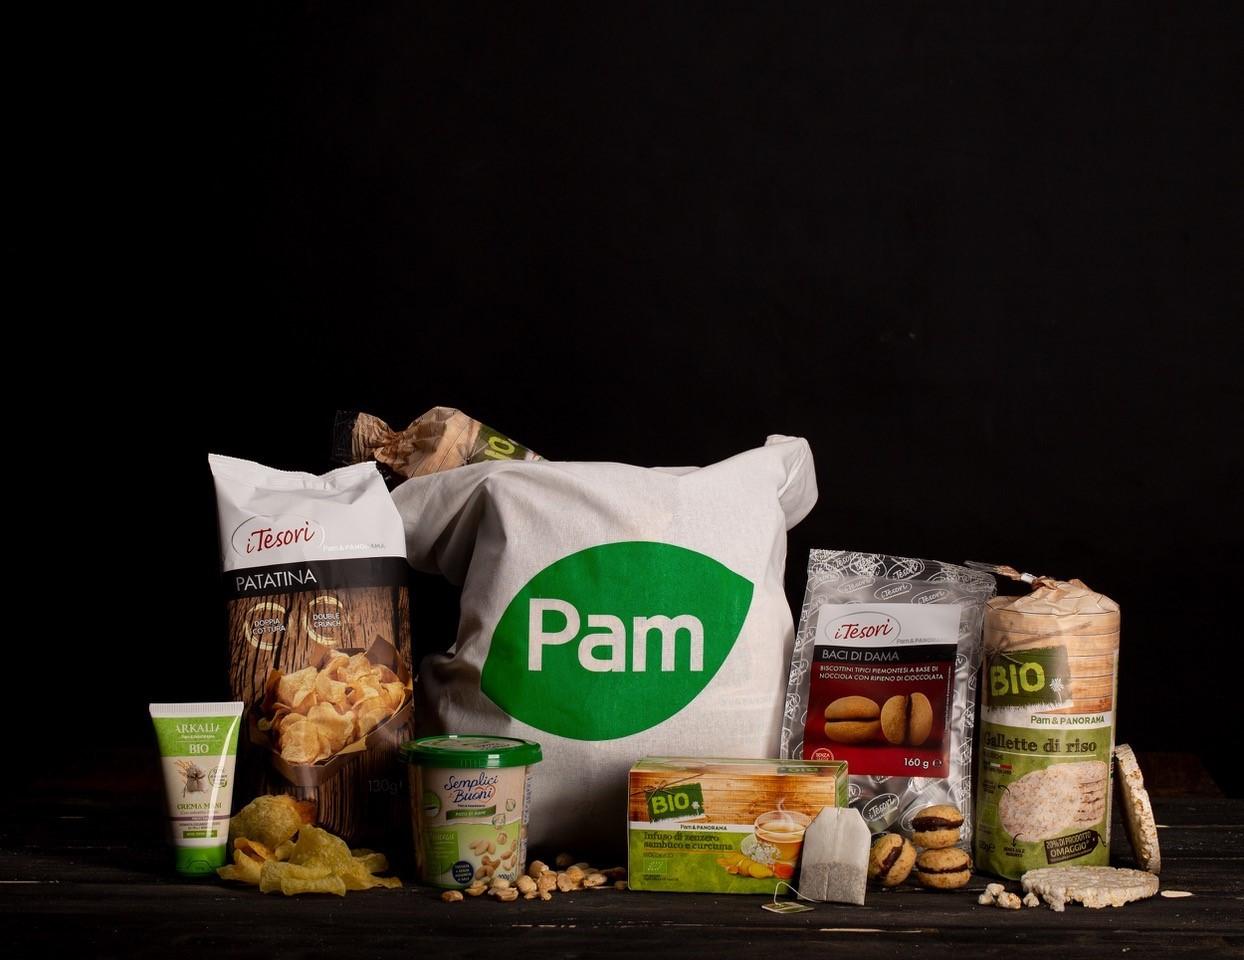 Pam Panorama celebra i 30 anni della propria private label